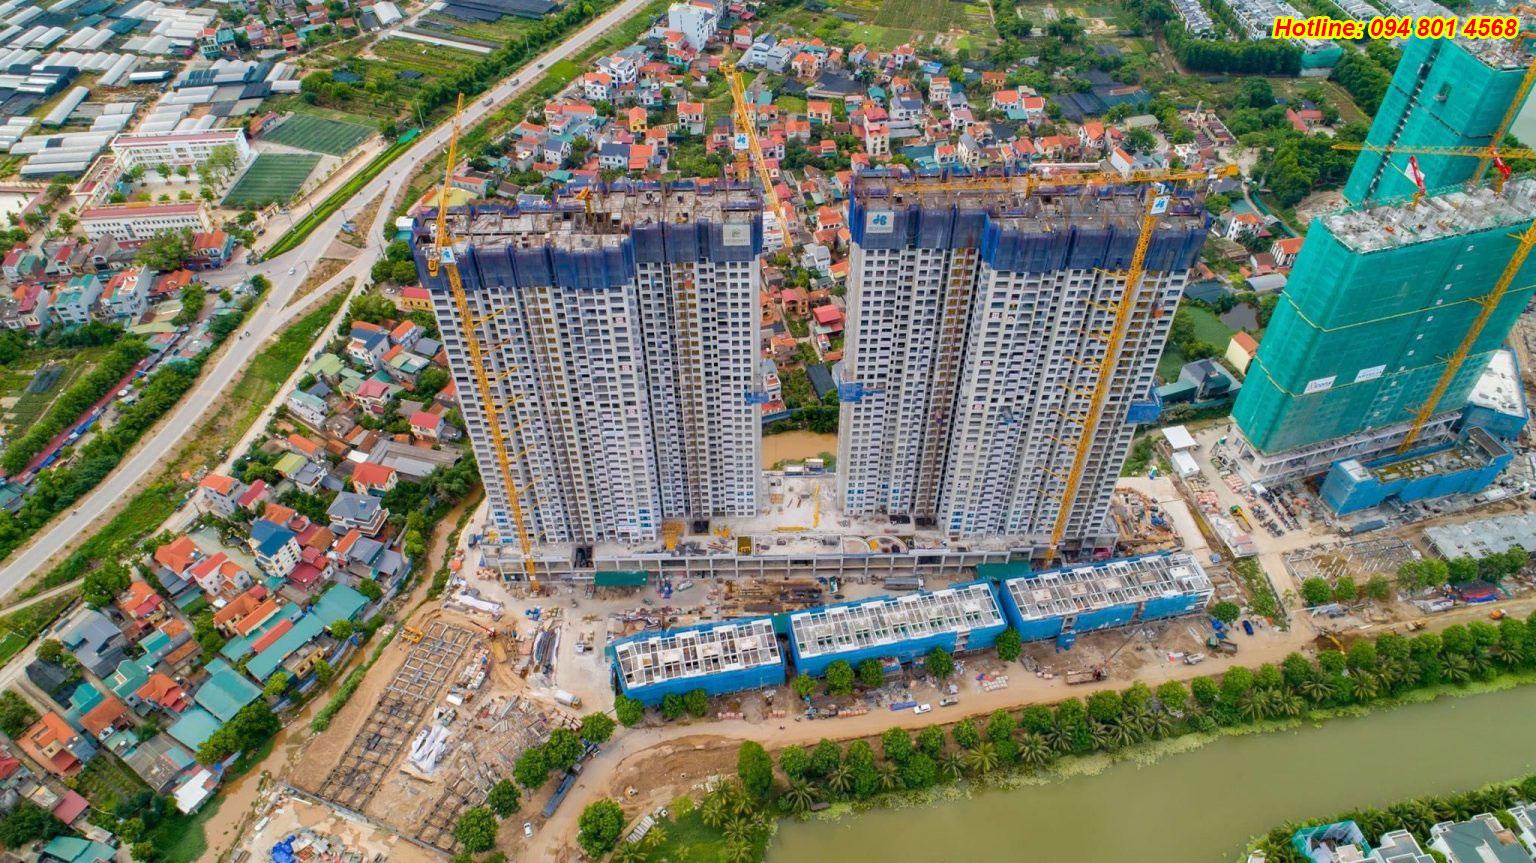 Tiến độ xây dựng chung cư Sky Oasis Ecopark tháng 7/2021